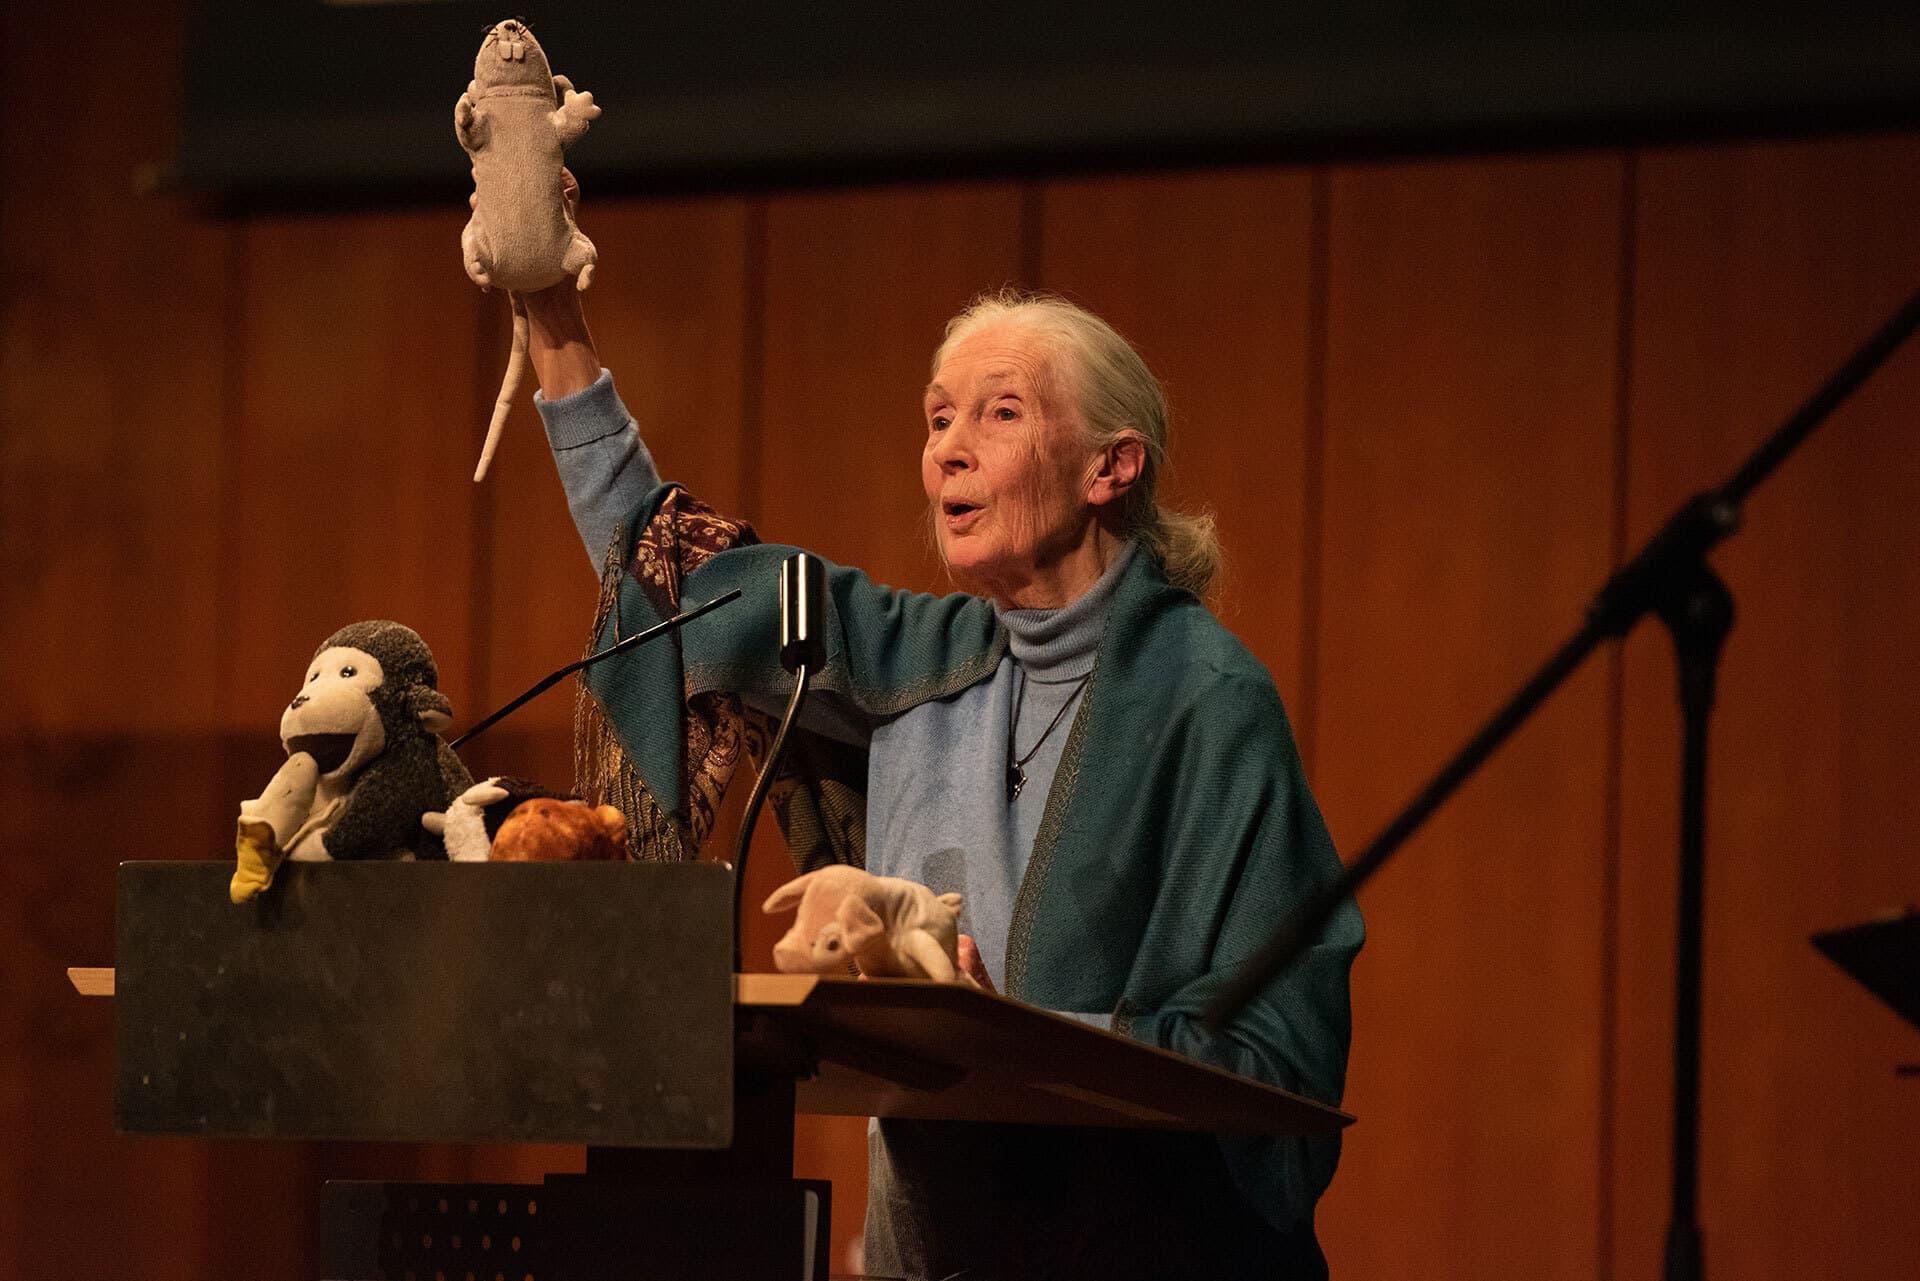 Jane Goodall hält einen mitreißenden Vortrag über ihr Leben. Mit dabei ihre Stofftiere als Symbole für Versuchstiere und Tierhaltung.